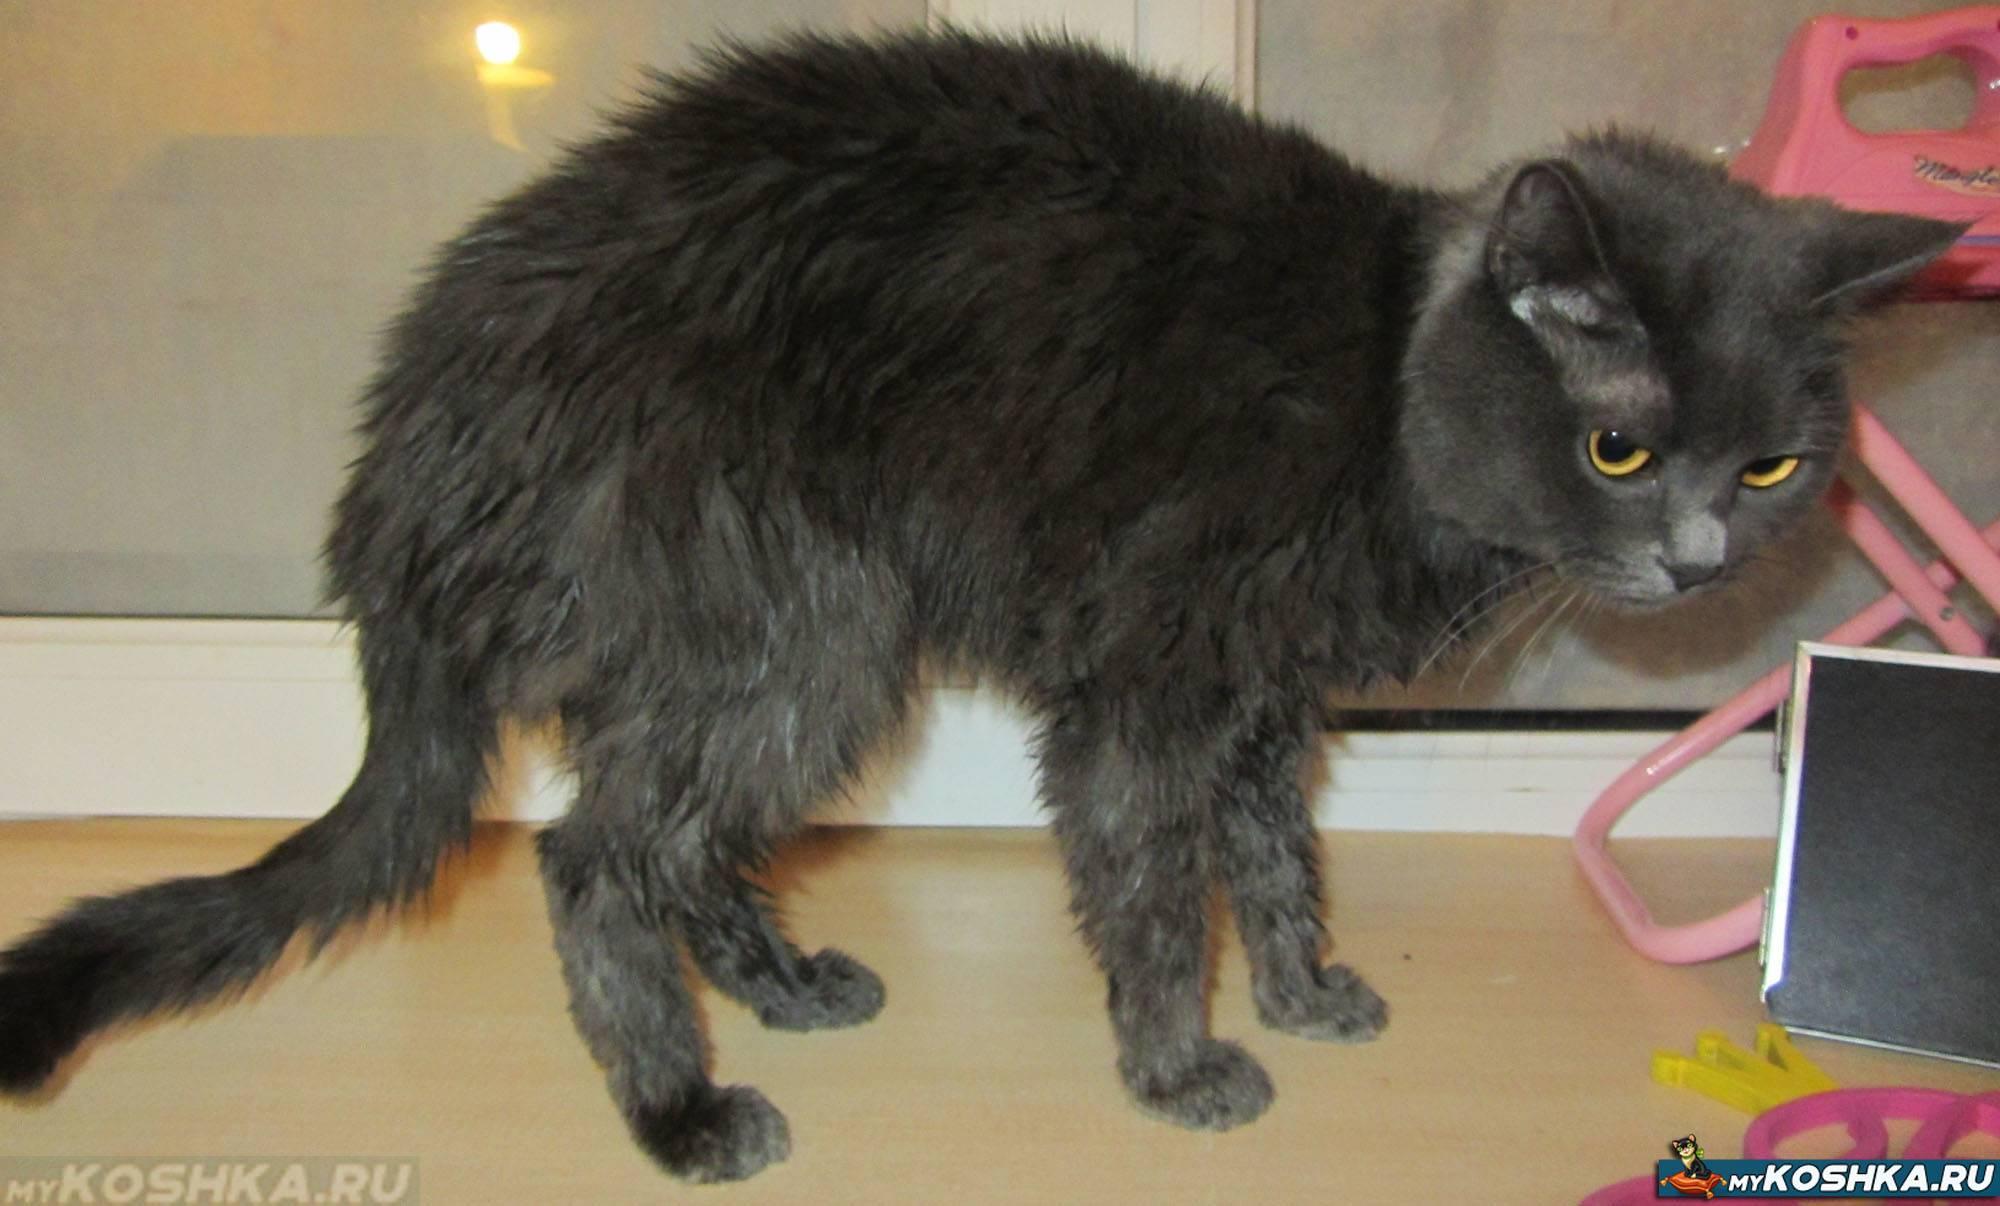 Выпадение шерсти у кошек: по каким причинам происходит и как лечить питомца